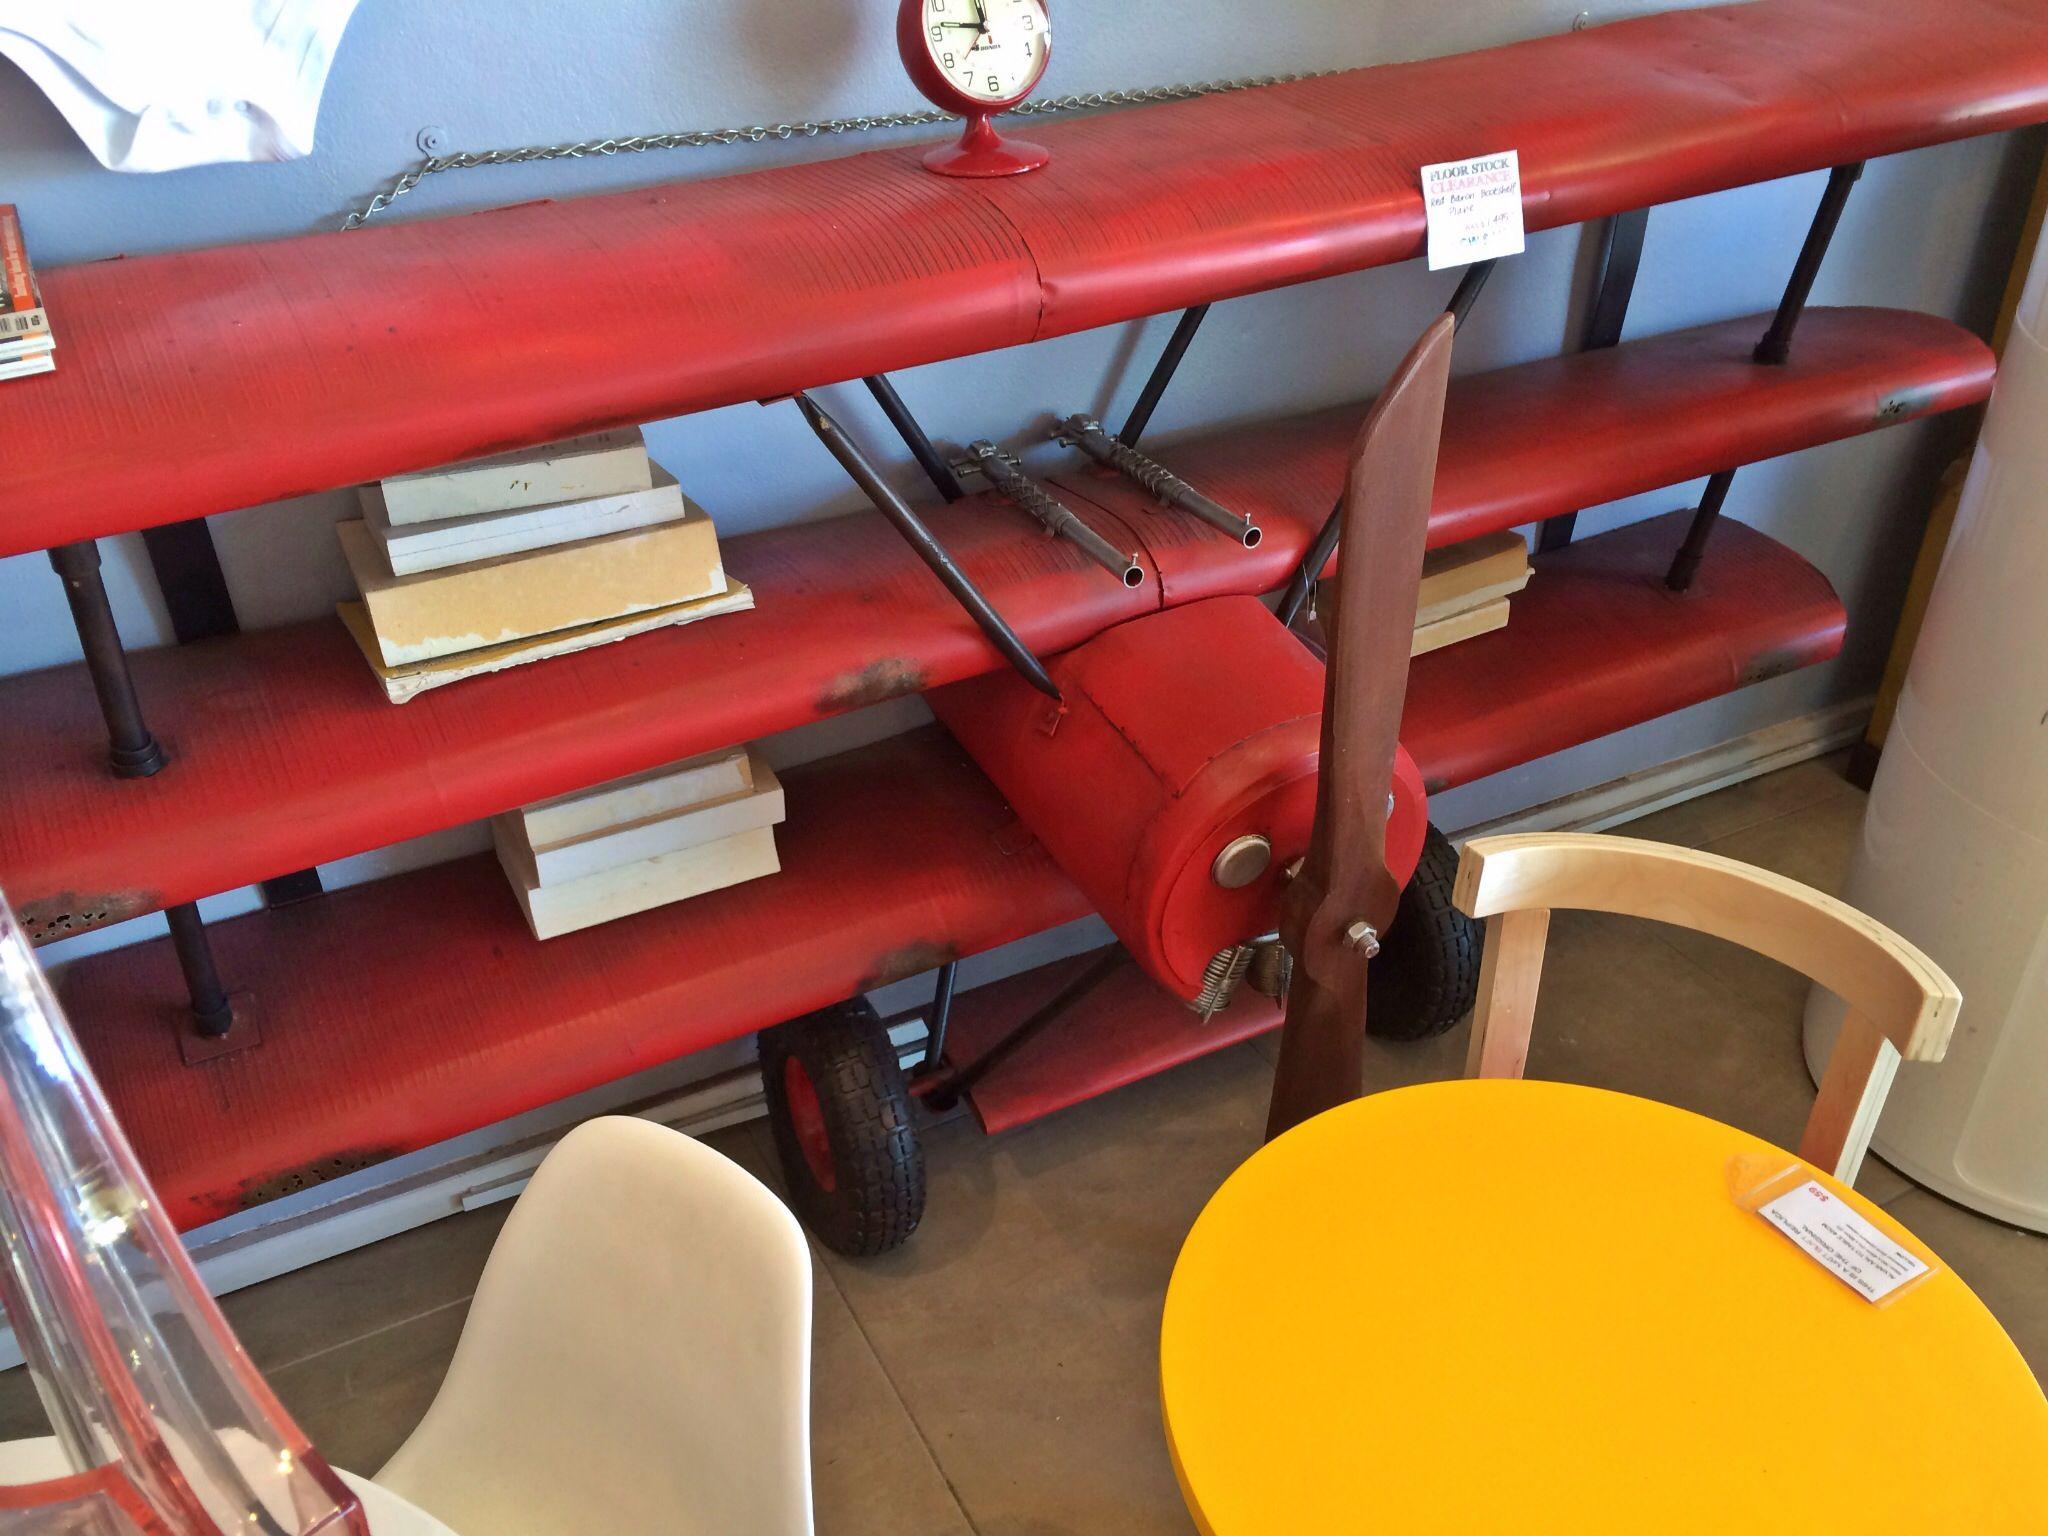 Airplane Bookshelves For Kids Room